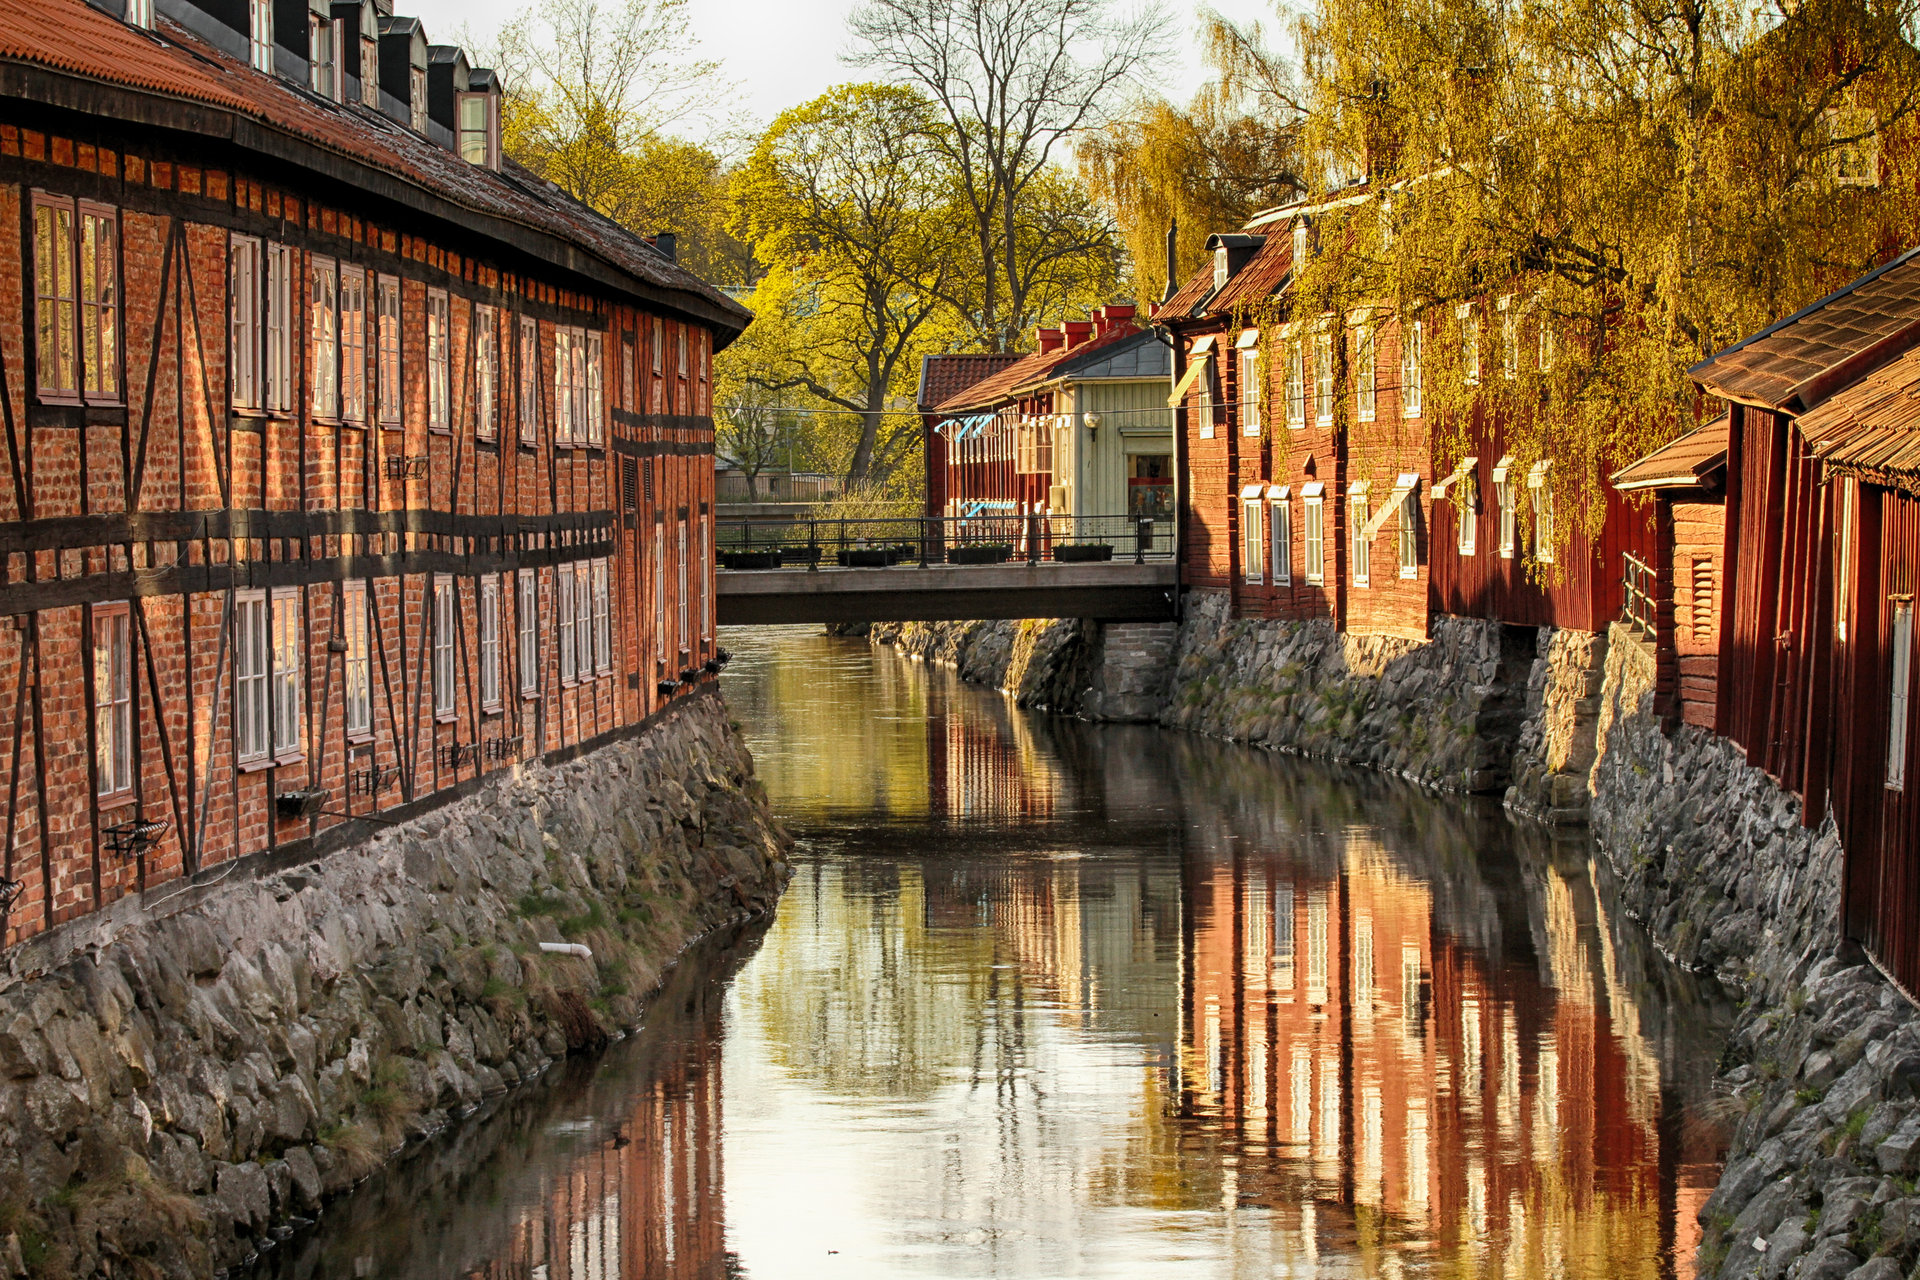 Vacker vy över svartån och gamla byggnader på vardera sida. Foto: Mostphotos